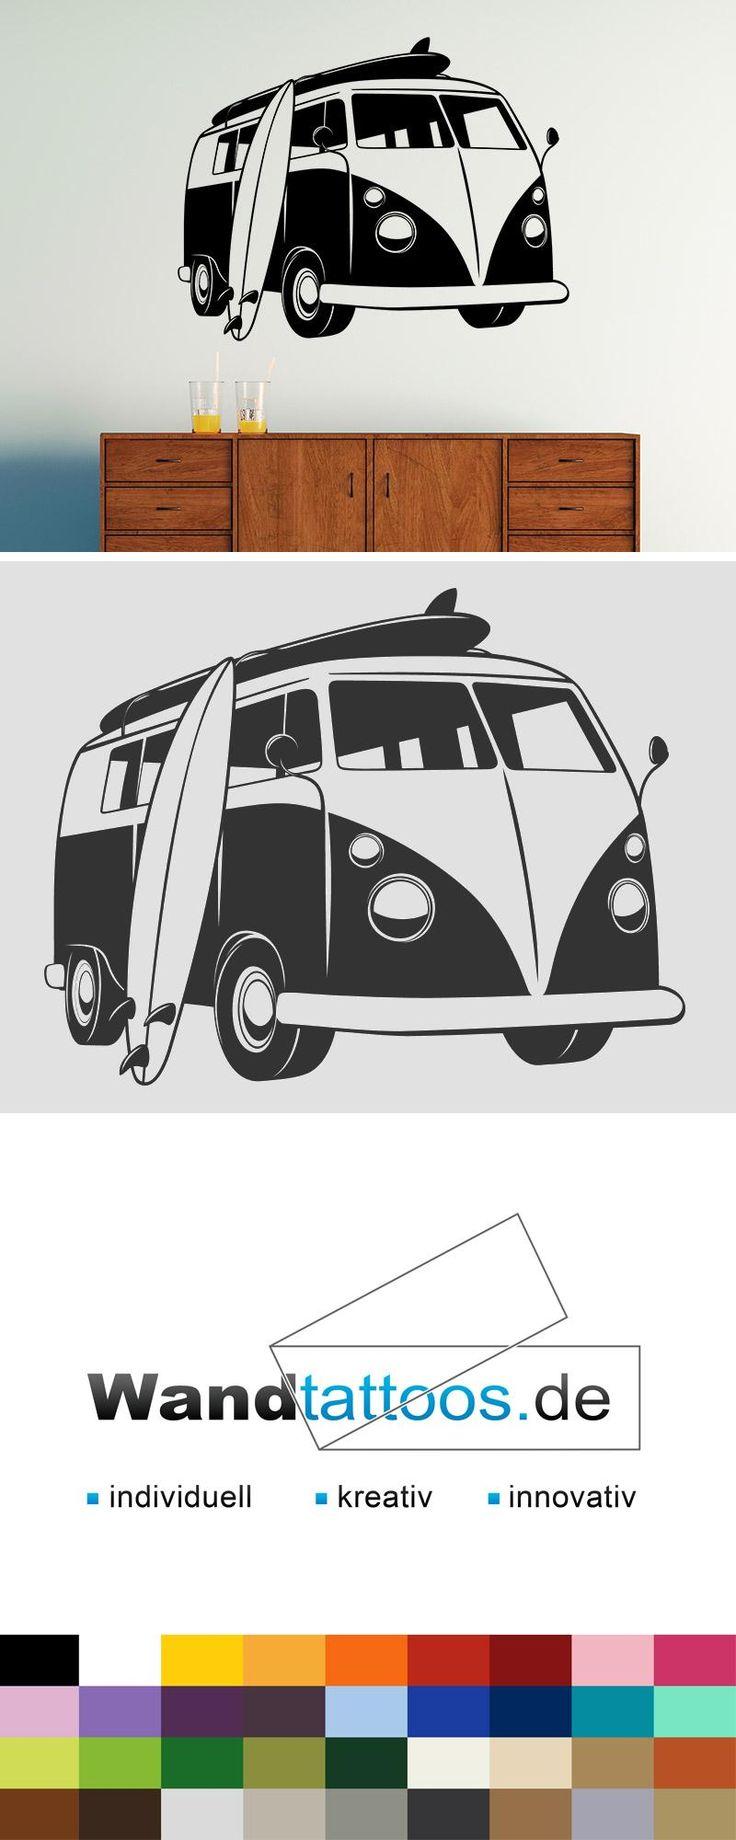 Wandtattoo Surfer Bus als Idee zur individuellen Wandgestaltung. Einfach Lieblingsfarbe und Größe auswählen. Weitere kreative Anregungen von Wandtattoos.de hier entdecken!